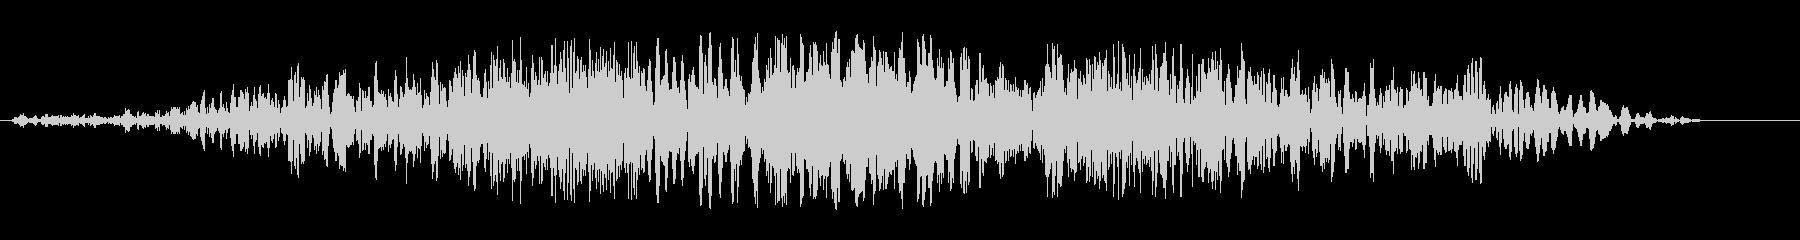 シュイッビシューン(風の音)の未再生の波形